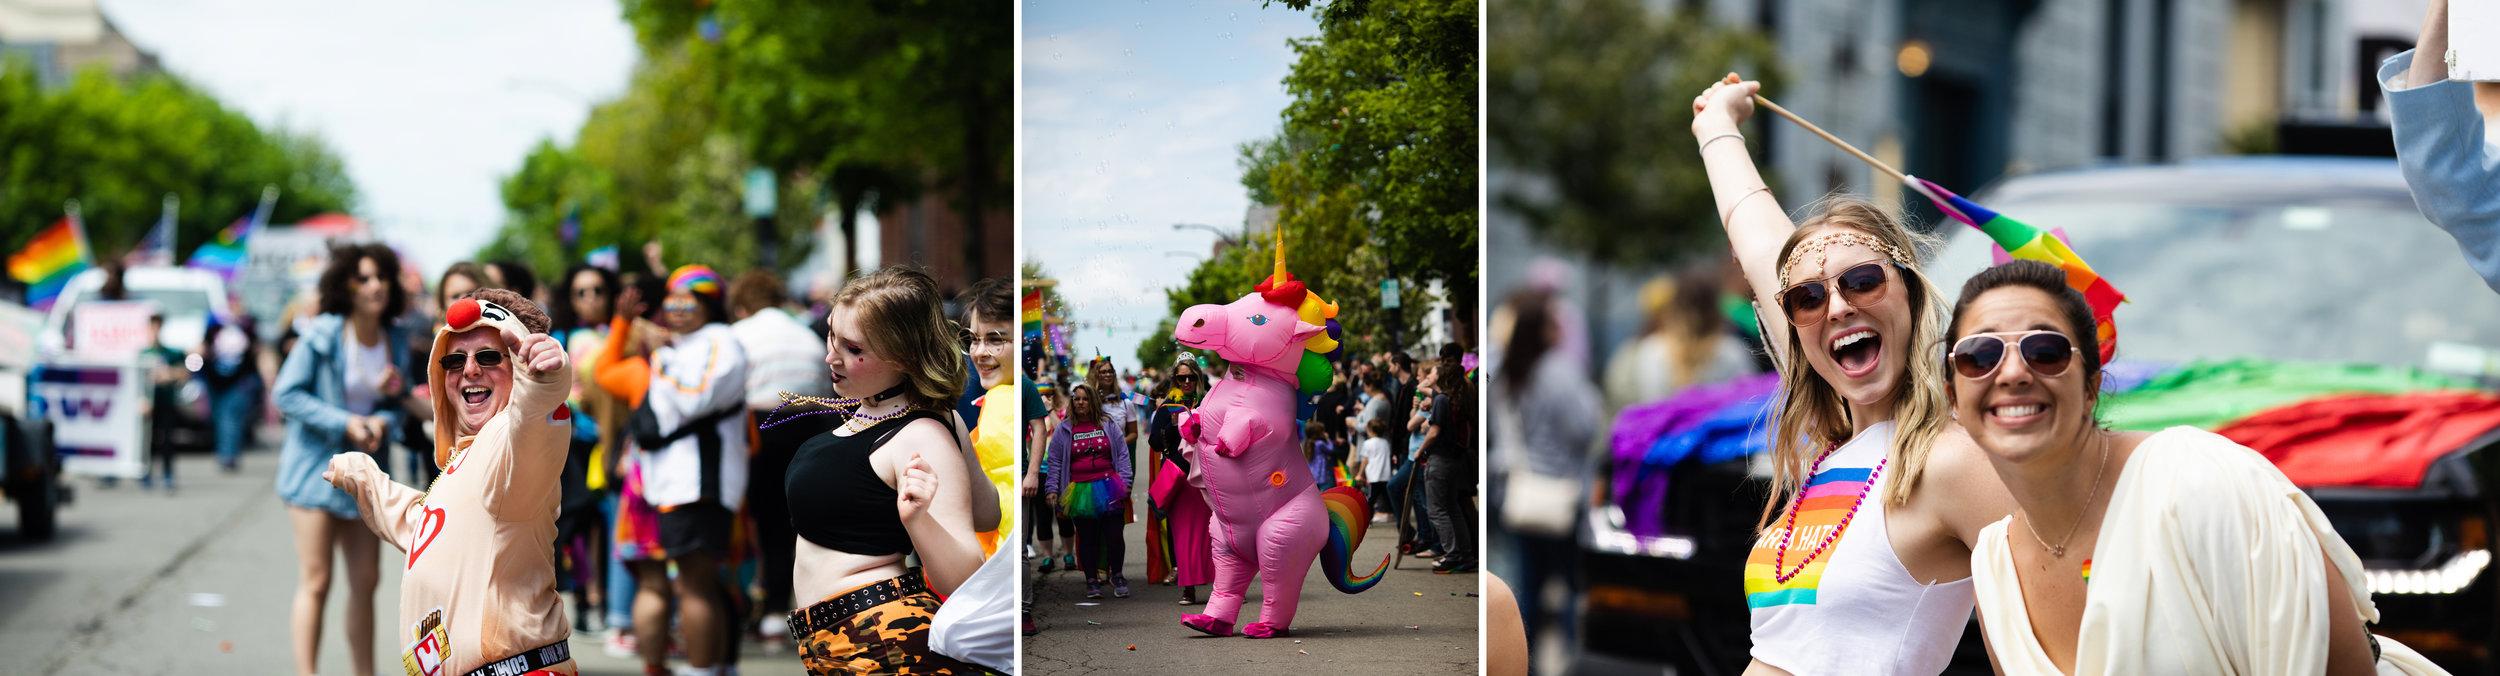 pride_2019_blog_24.jpg